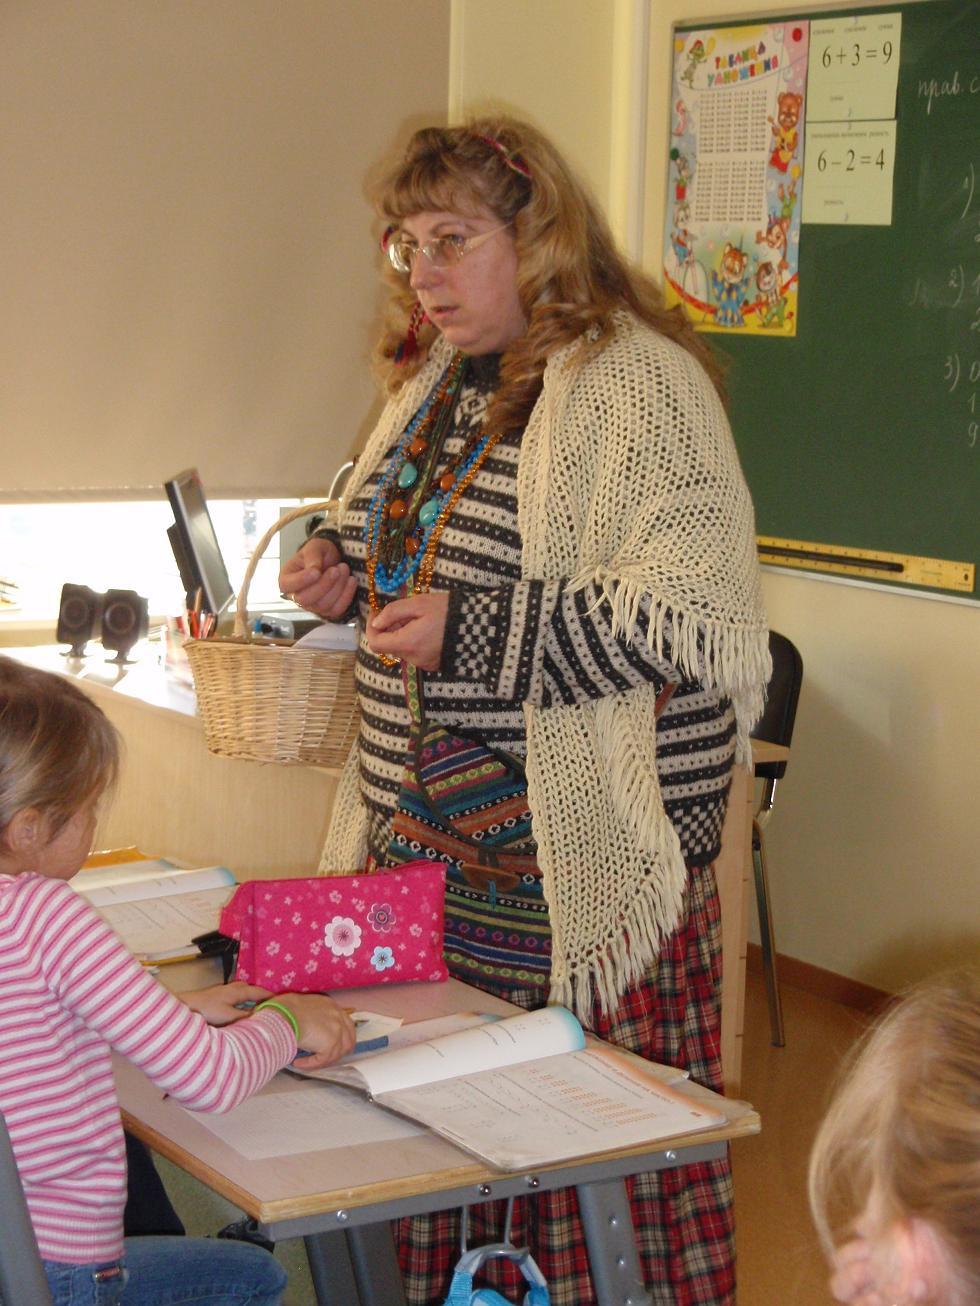 Фото под юбкой у учительницы на уроке 11 фотография